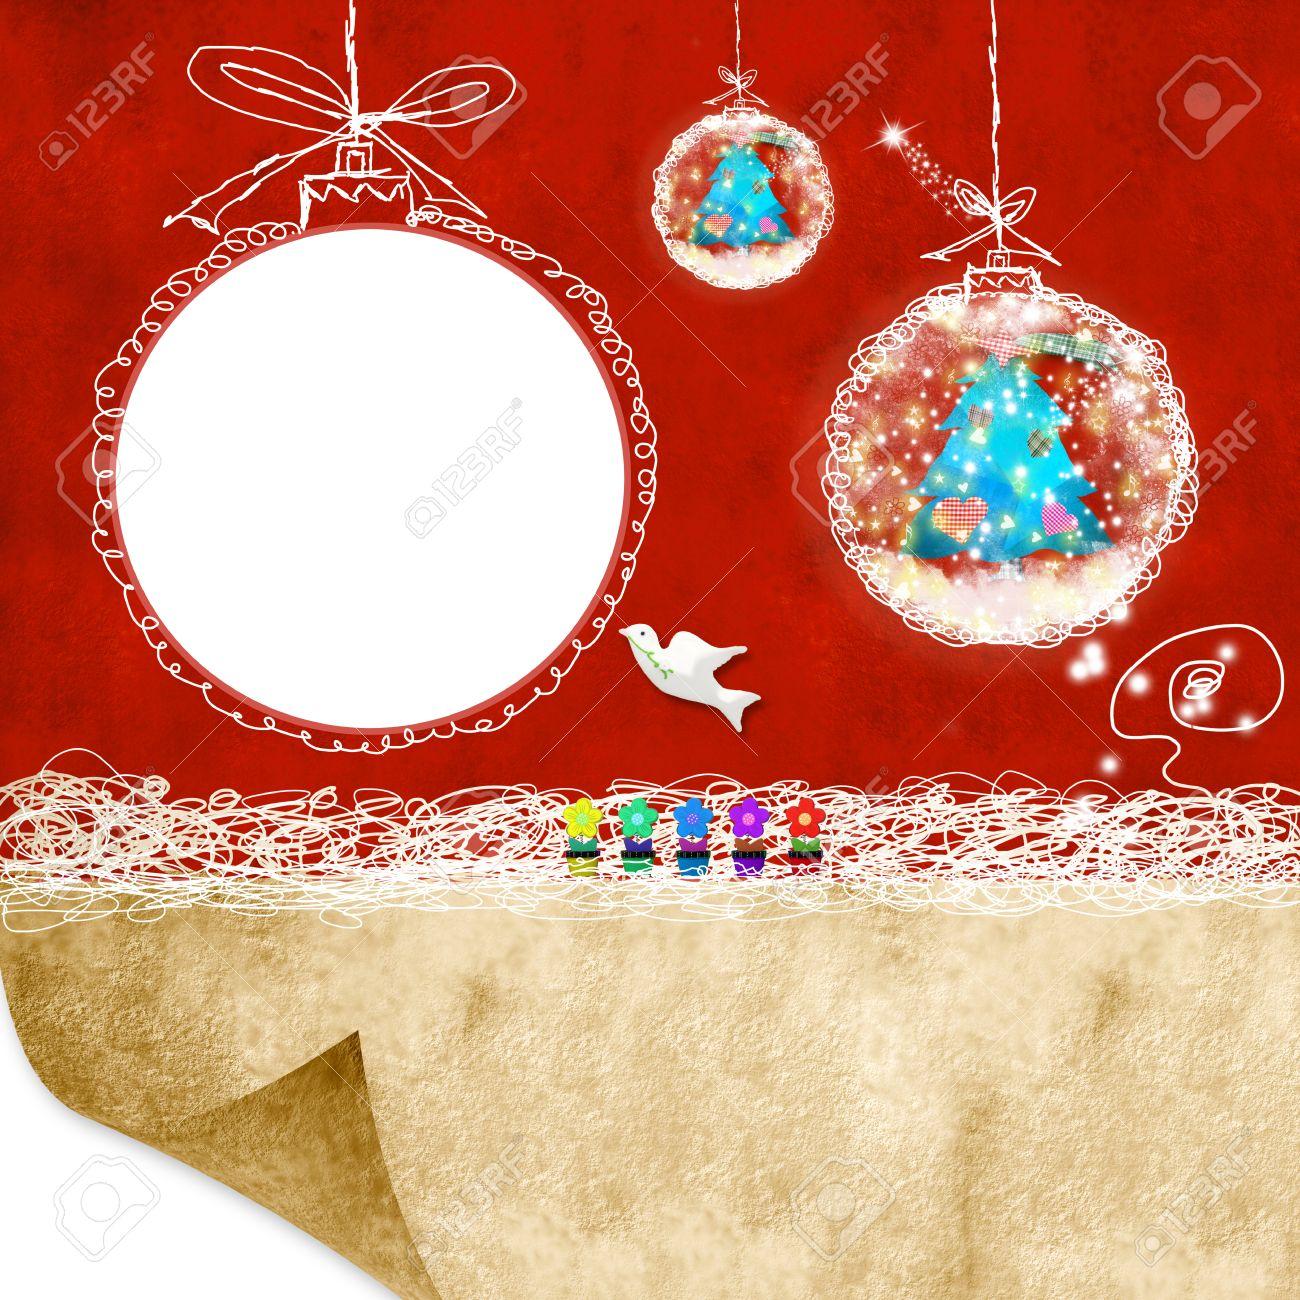 Weihnachtskarte Mit Leeren Bilderrahmen Und Leere Platz Für Text Mit ...